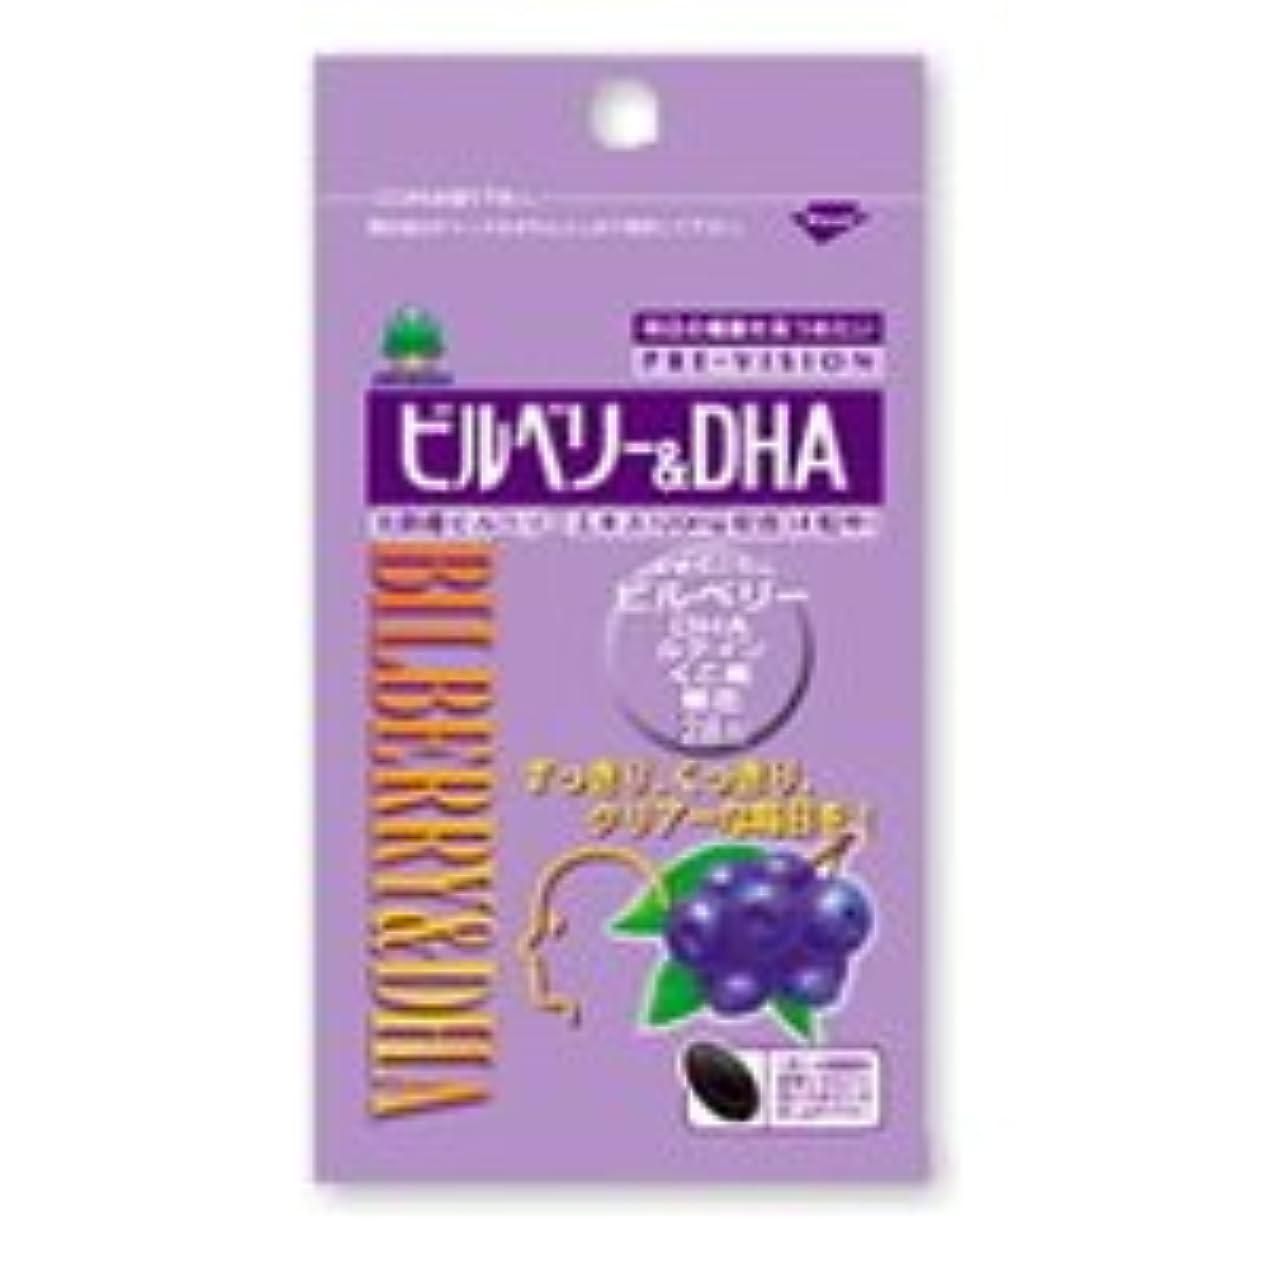 診断するレオナルドダ電圧プレビジョン ビルベリー&DHA 28粒